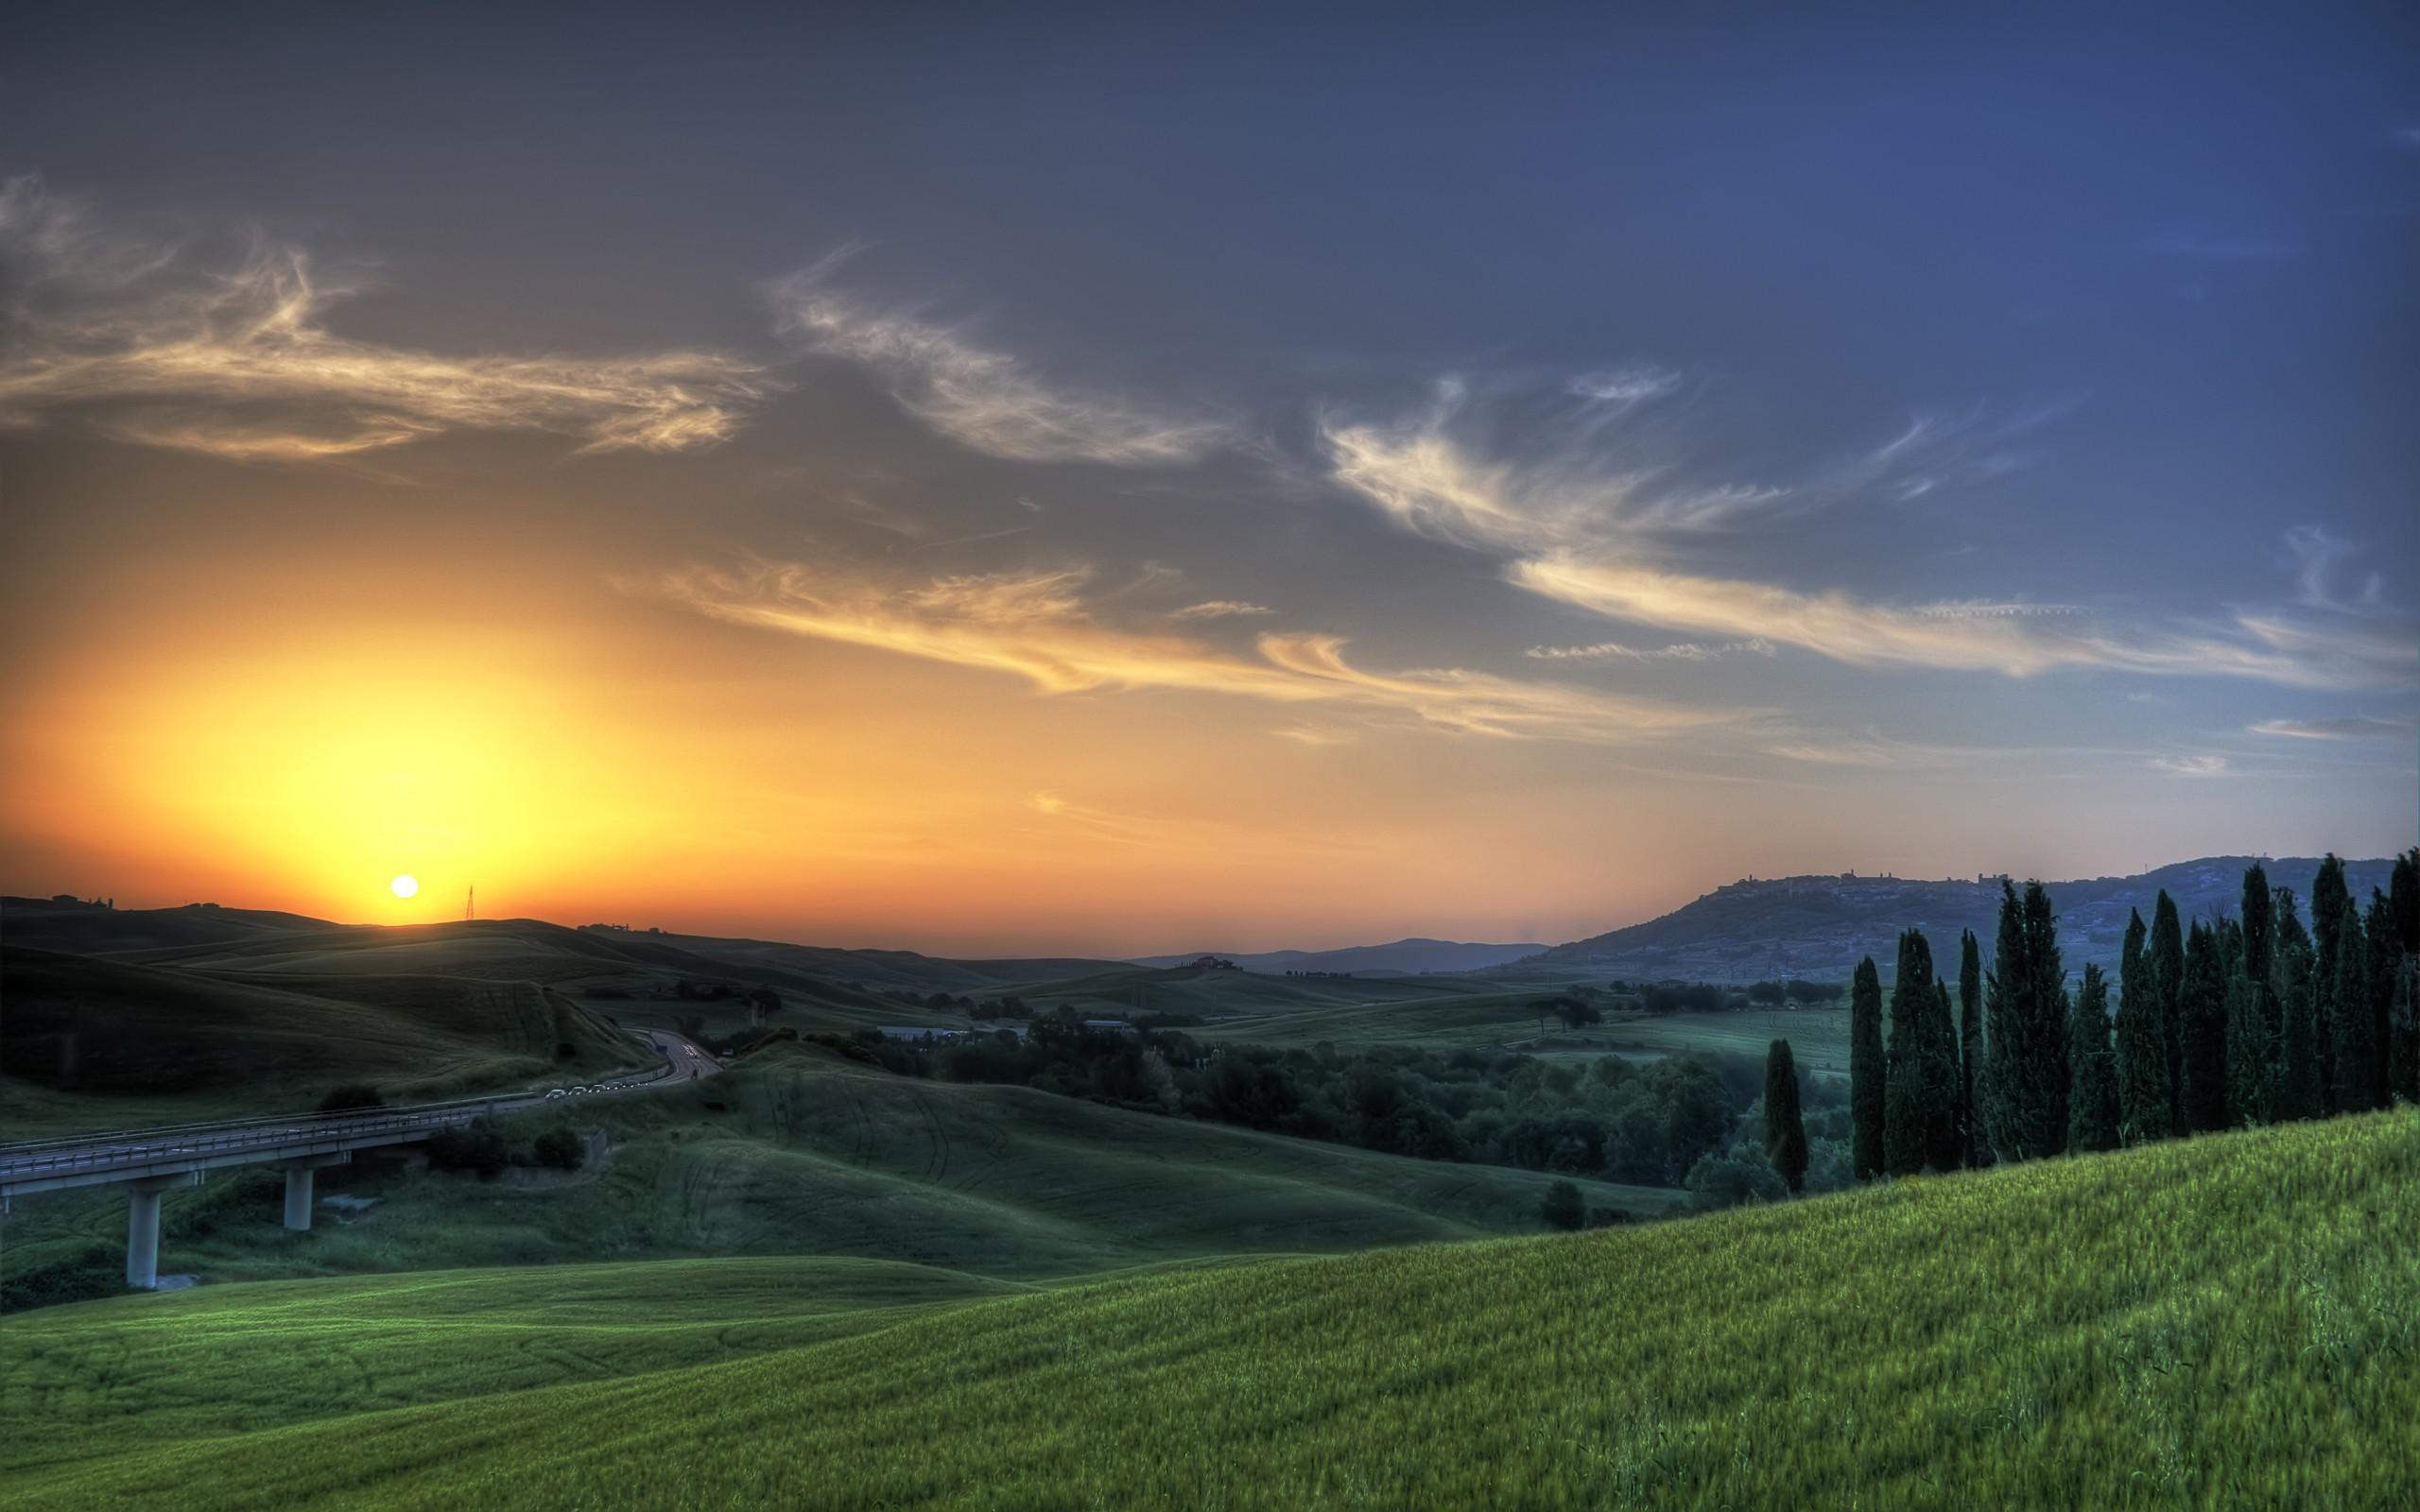 Hình nền HD 2560x1600 Rising Sun Hills Hình ảnh